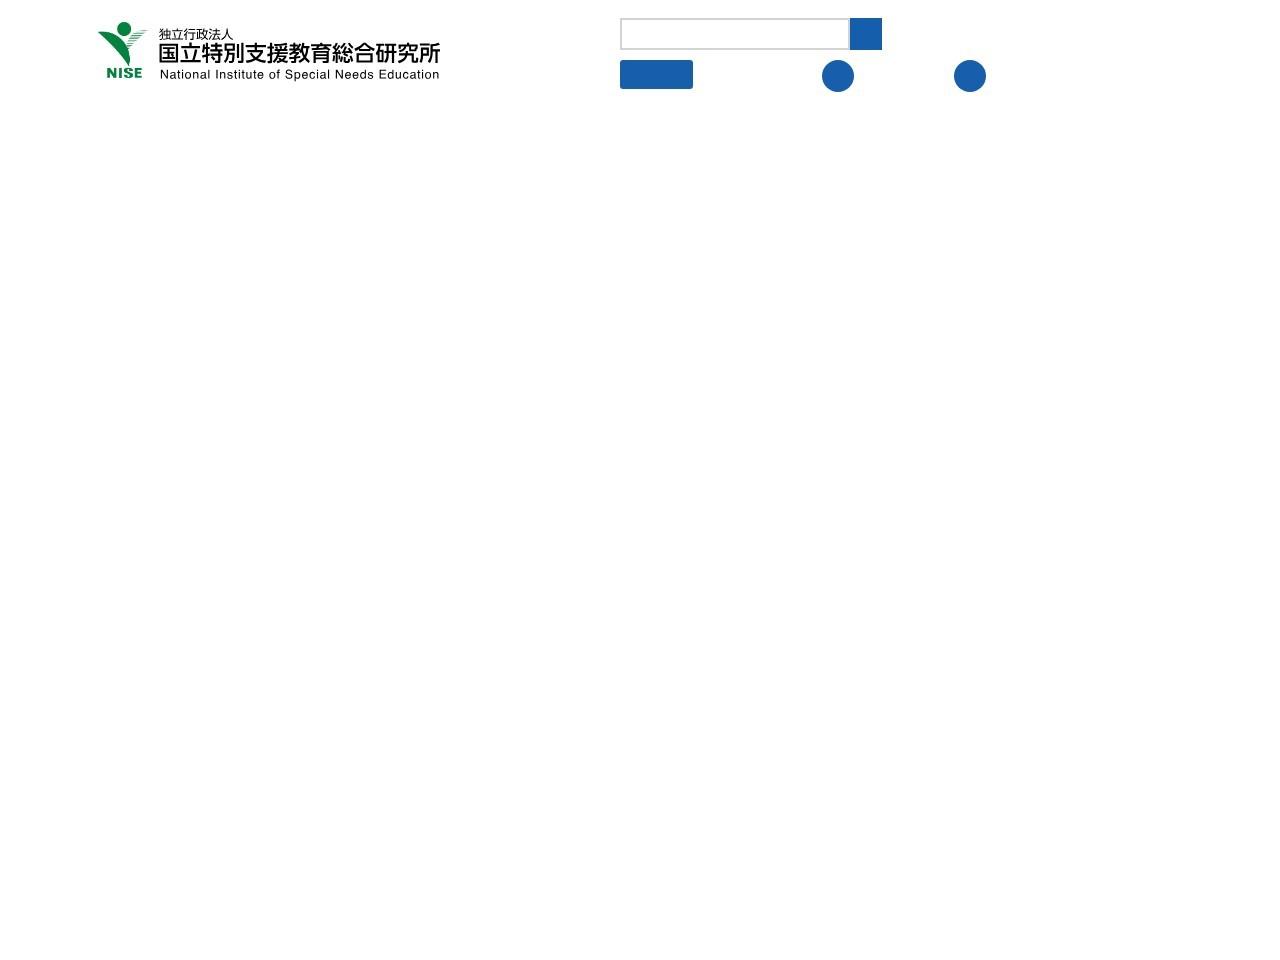 http://www.nise.go.jp/research/chofuku/nakazawa/index.html